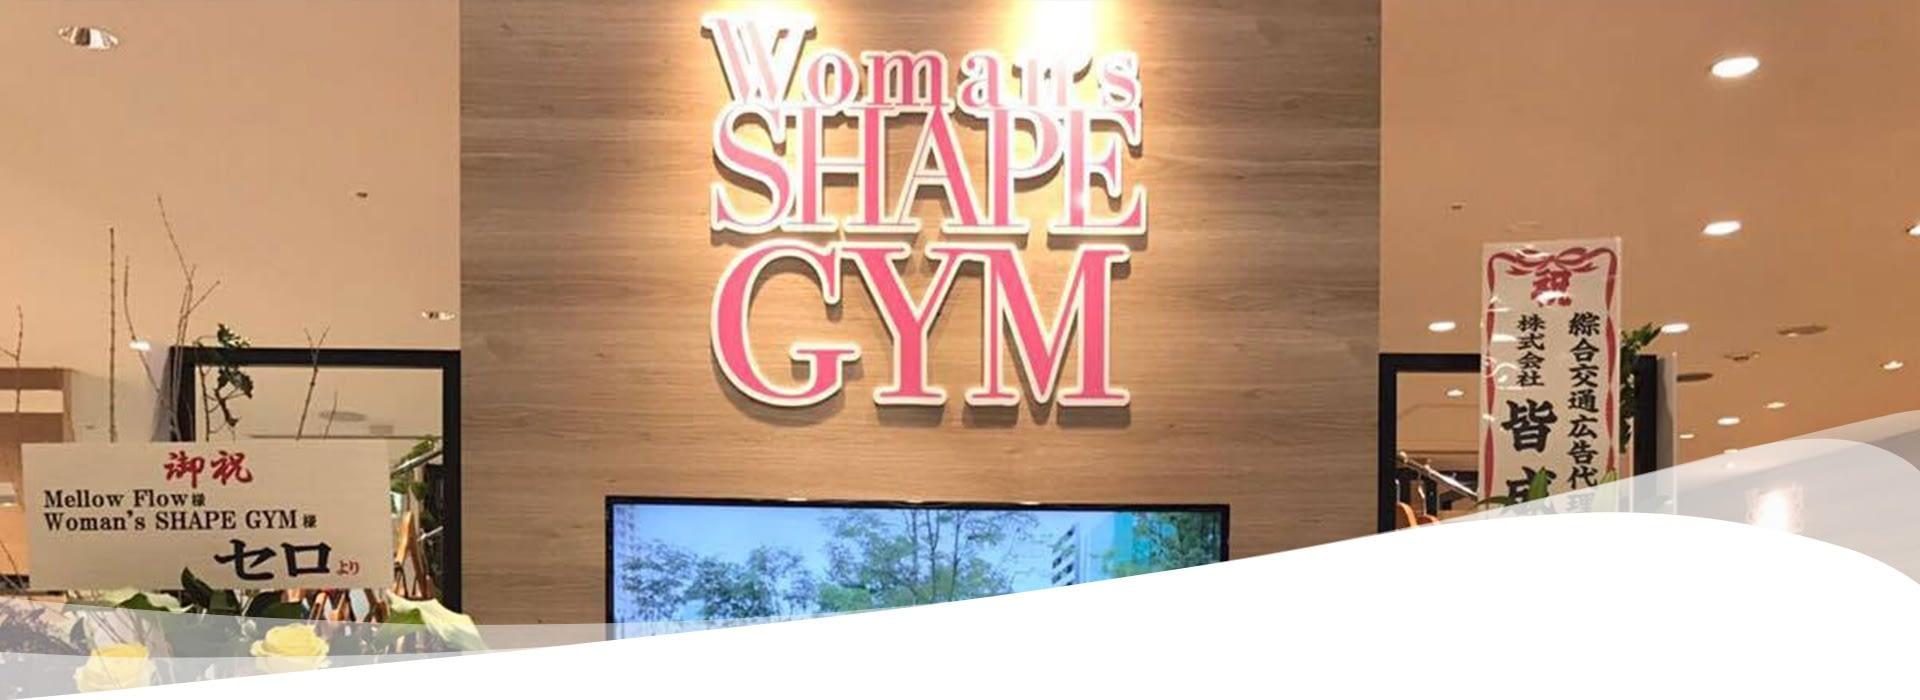 woman's shape gym